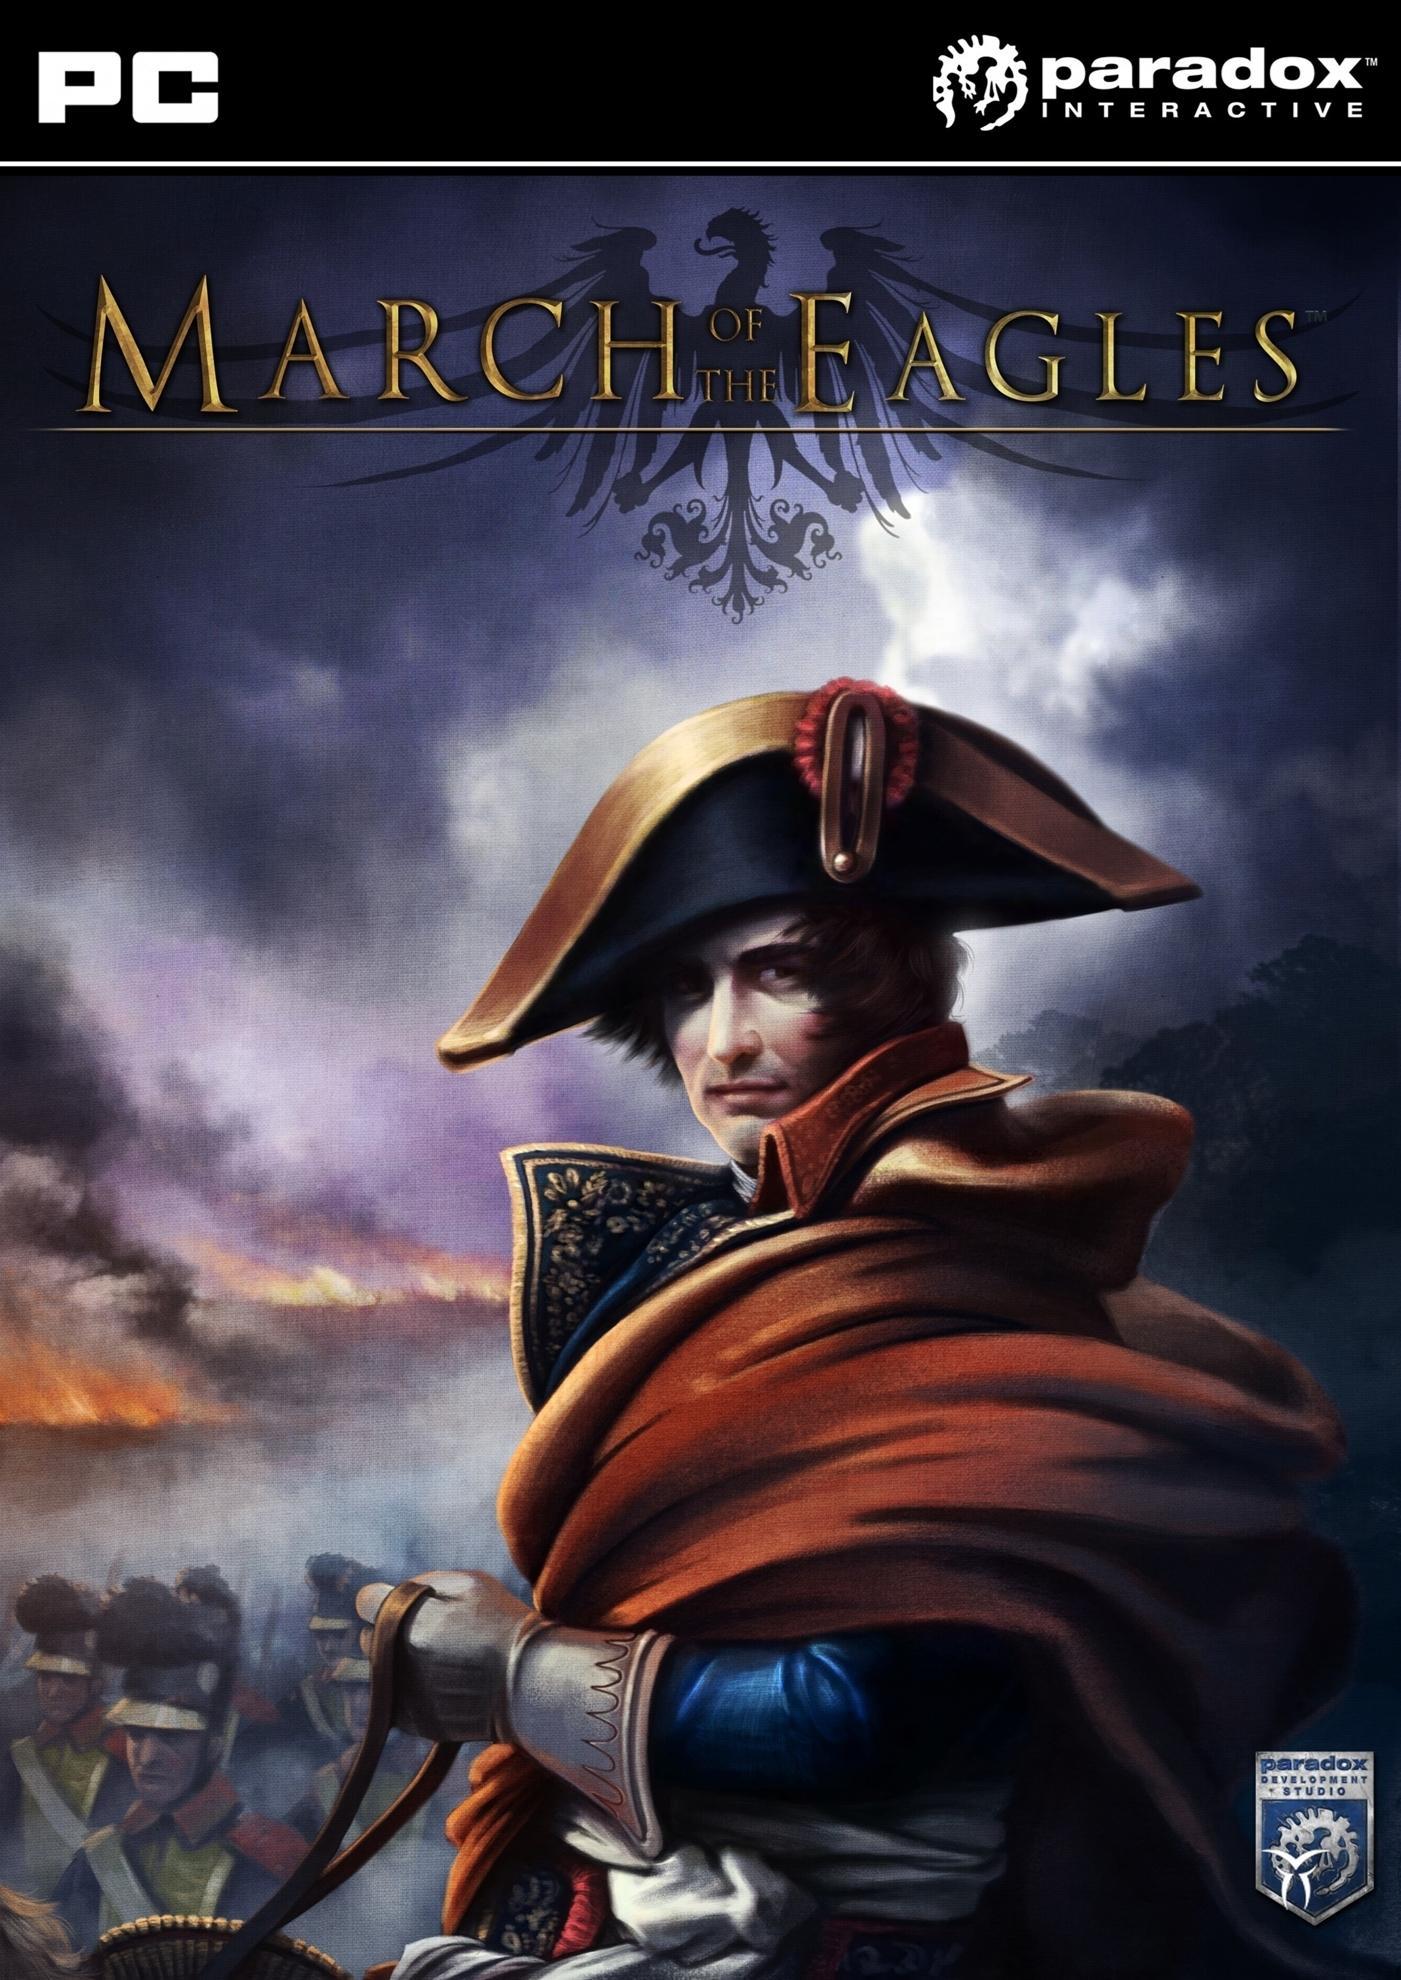 March of the Eagles | WW (73921081-fa4e-4fd5-8019-01bc255cc77c)